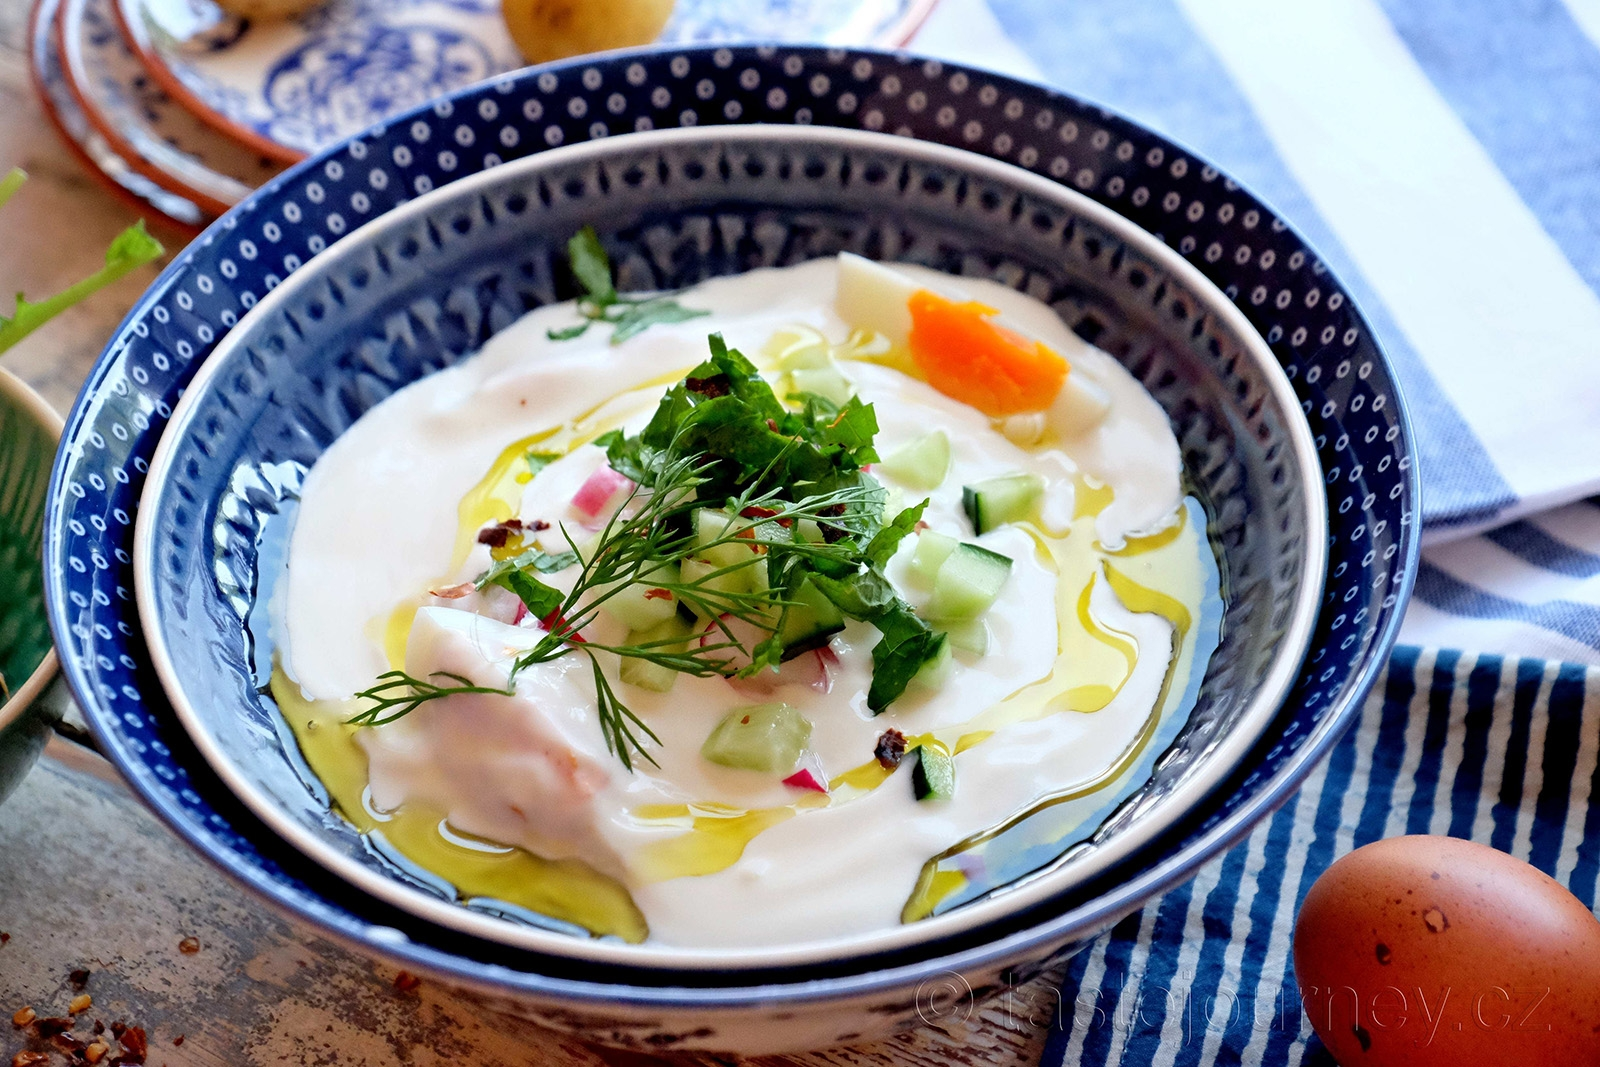 Překvapivě lahodná  a zdravá jogurtová polévka